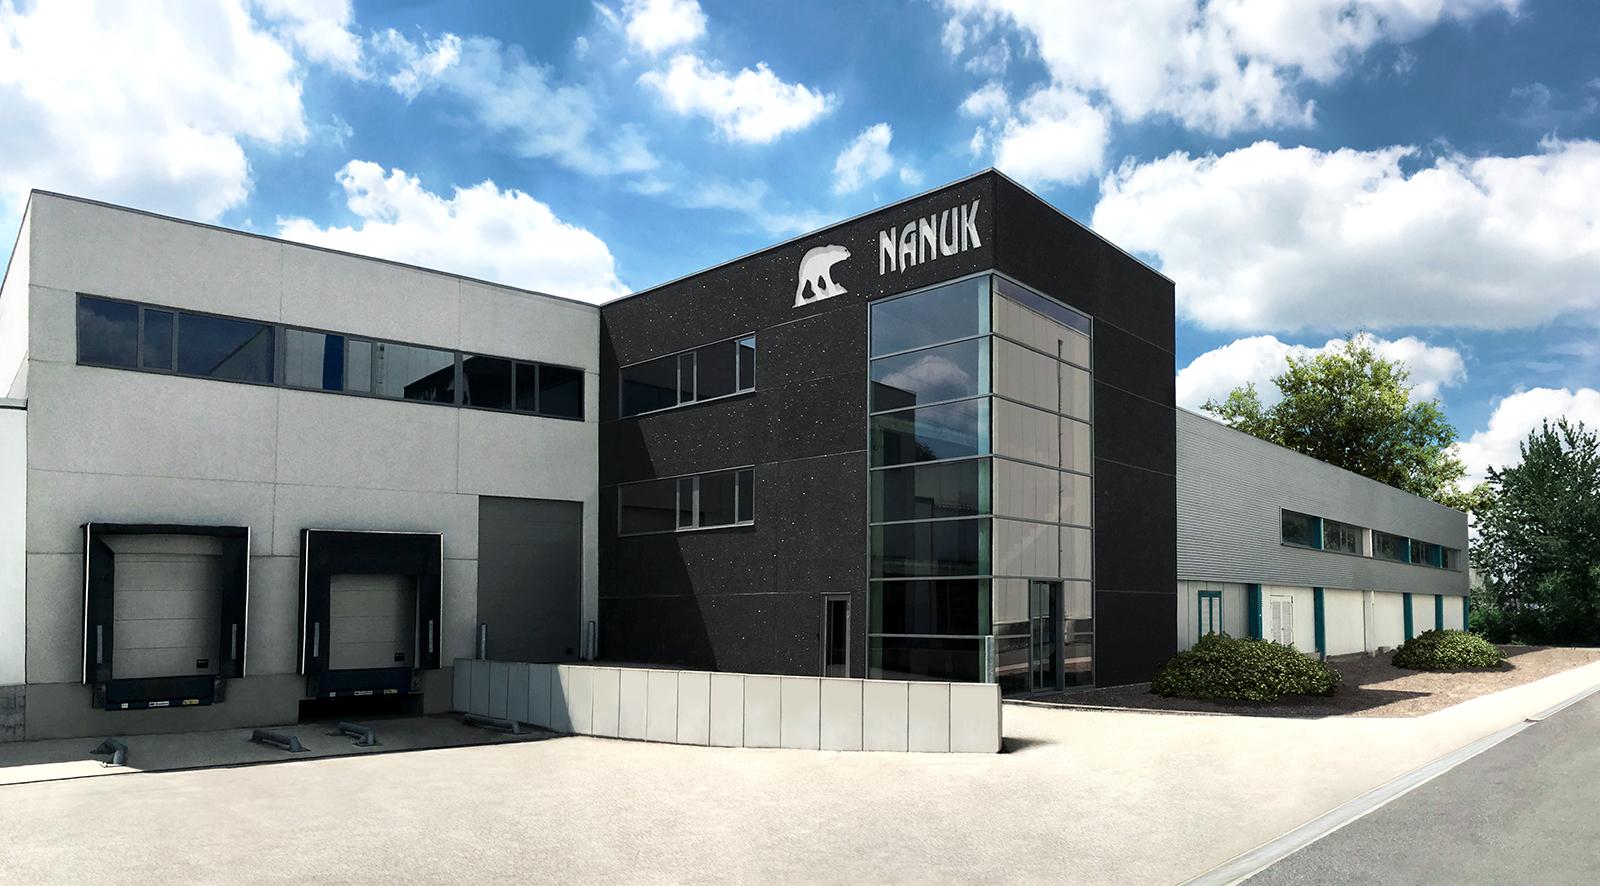 Nanuk_gebouw